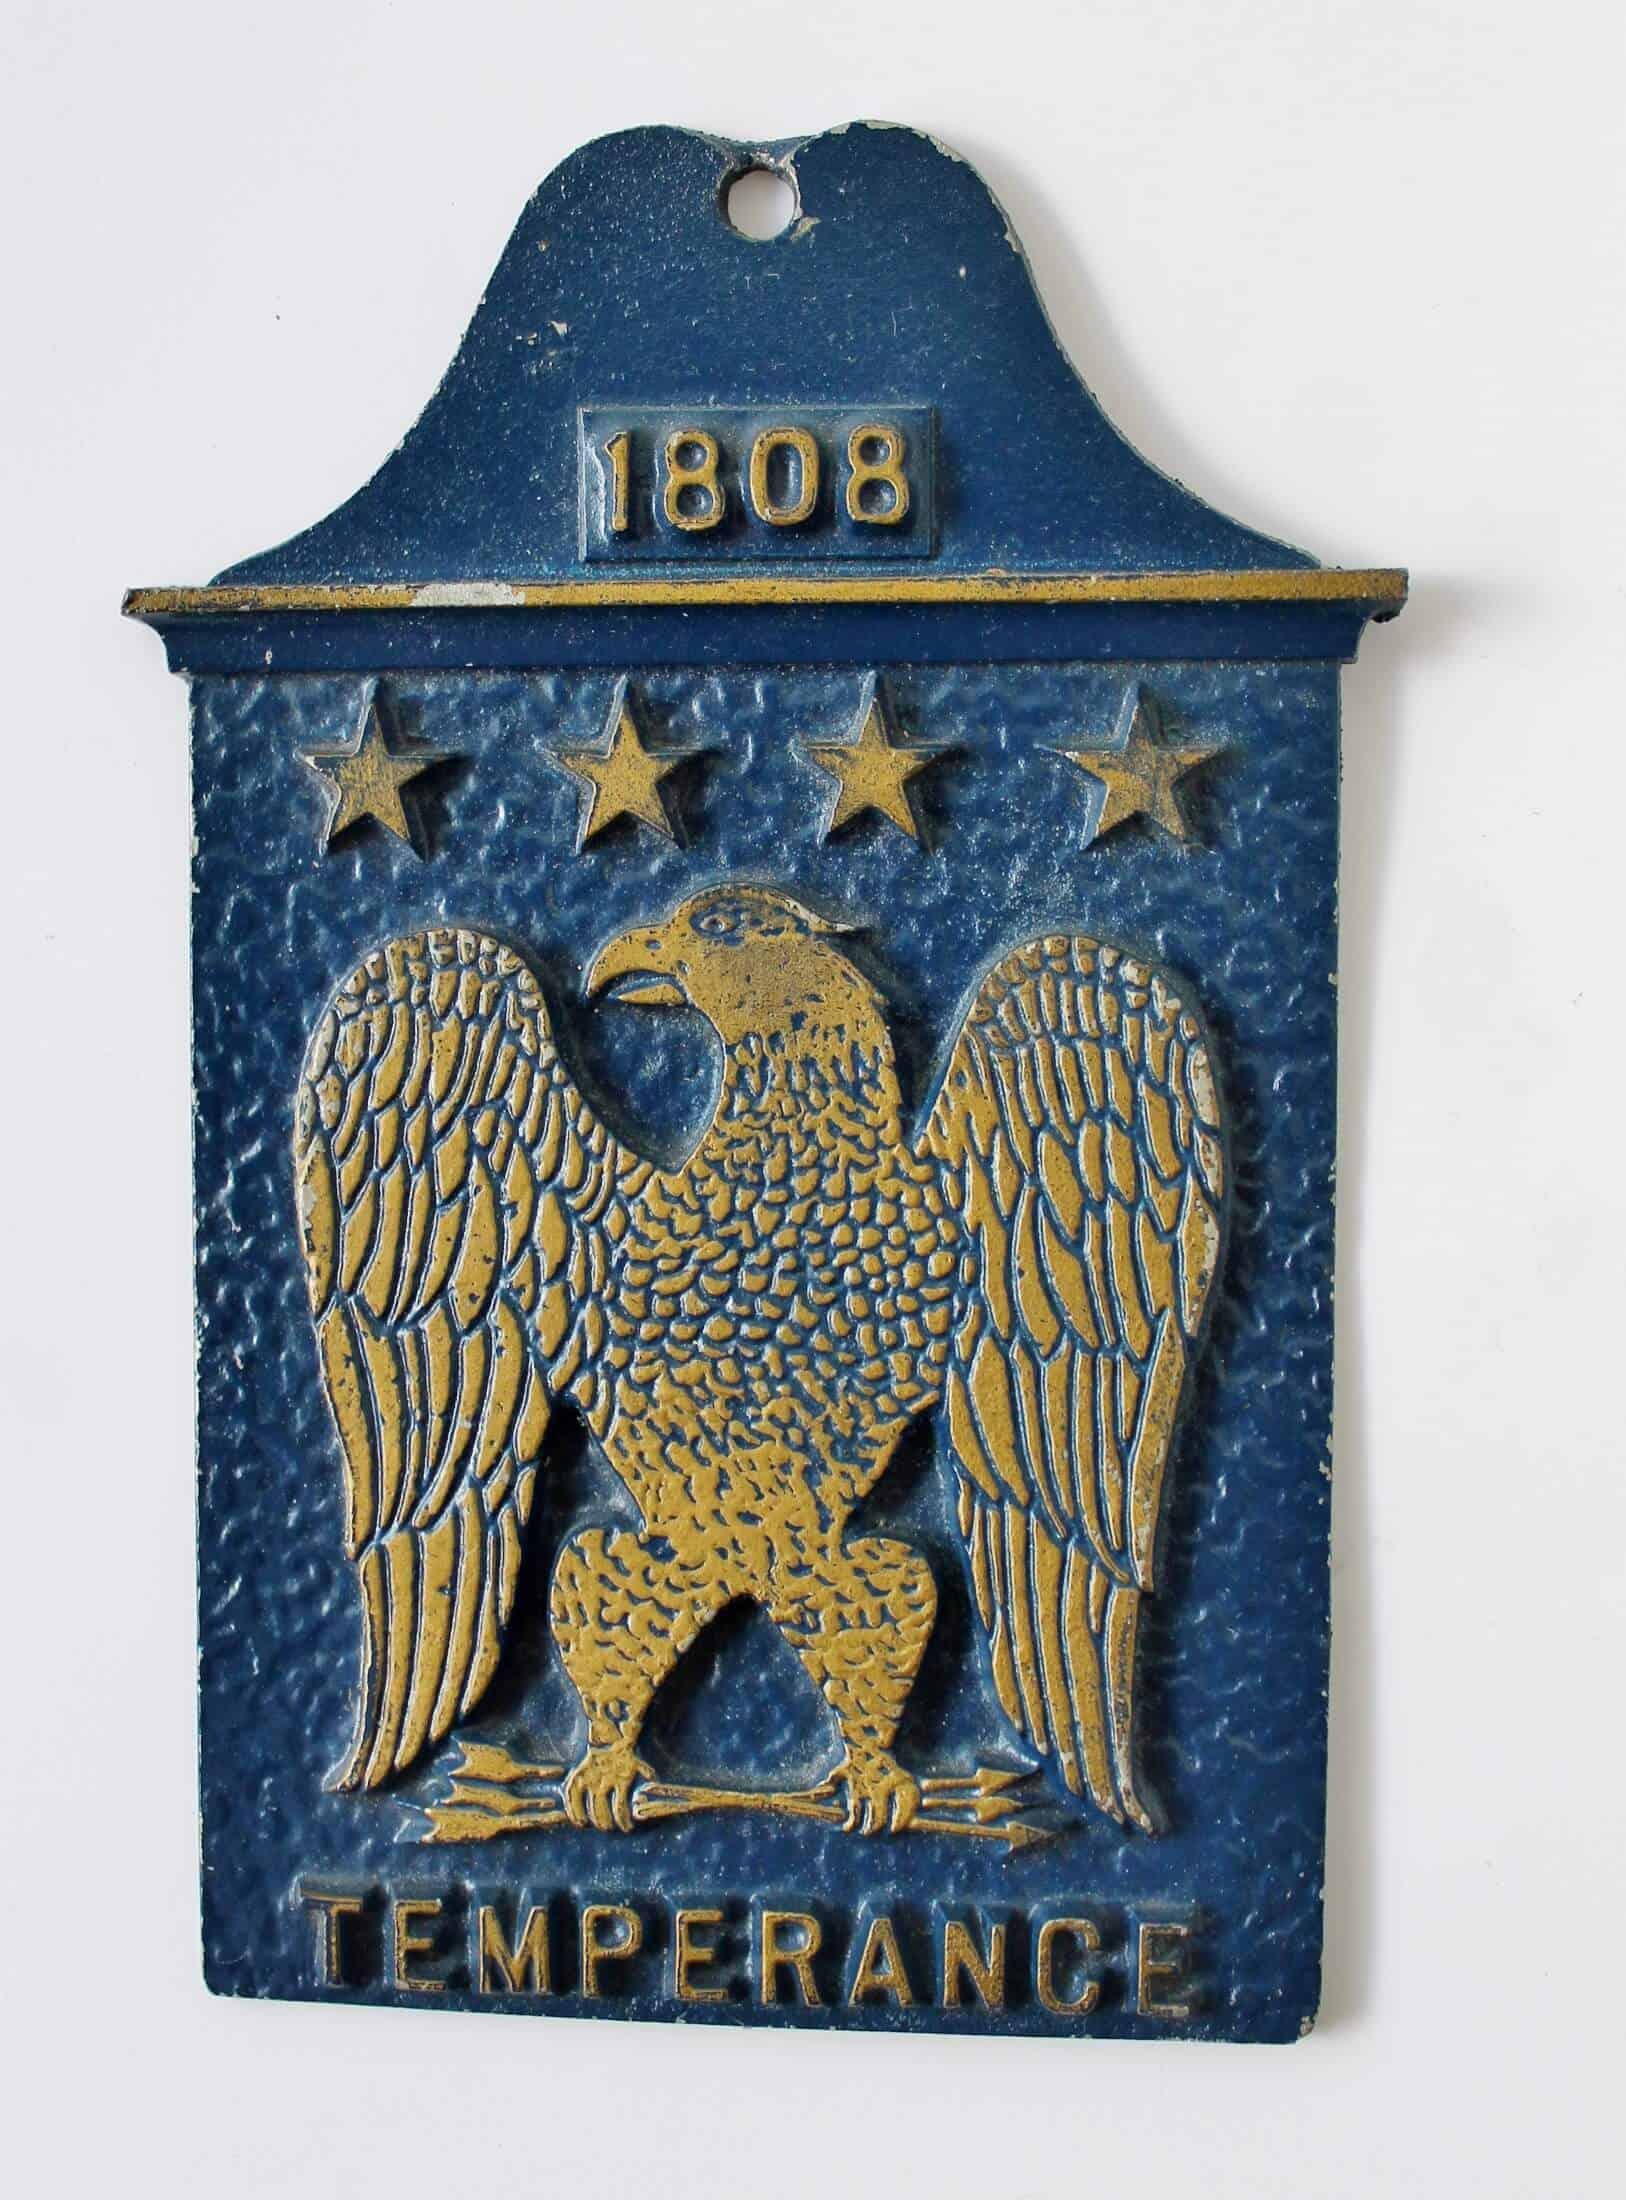 vintage metal temperance plaque